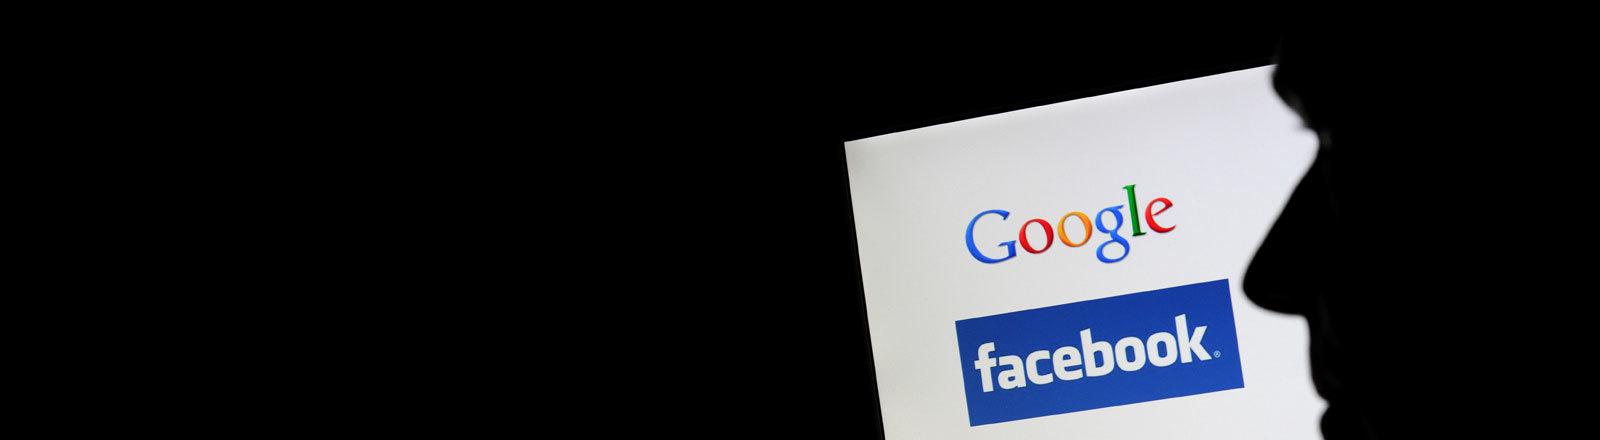 Ein Computerbildschirm mit den Logos von Google und Facebook, davor die Silhouette eines Mannes